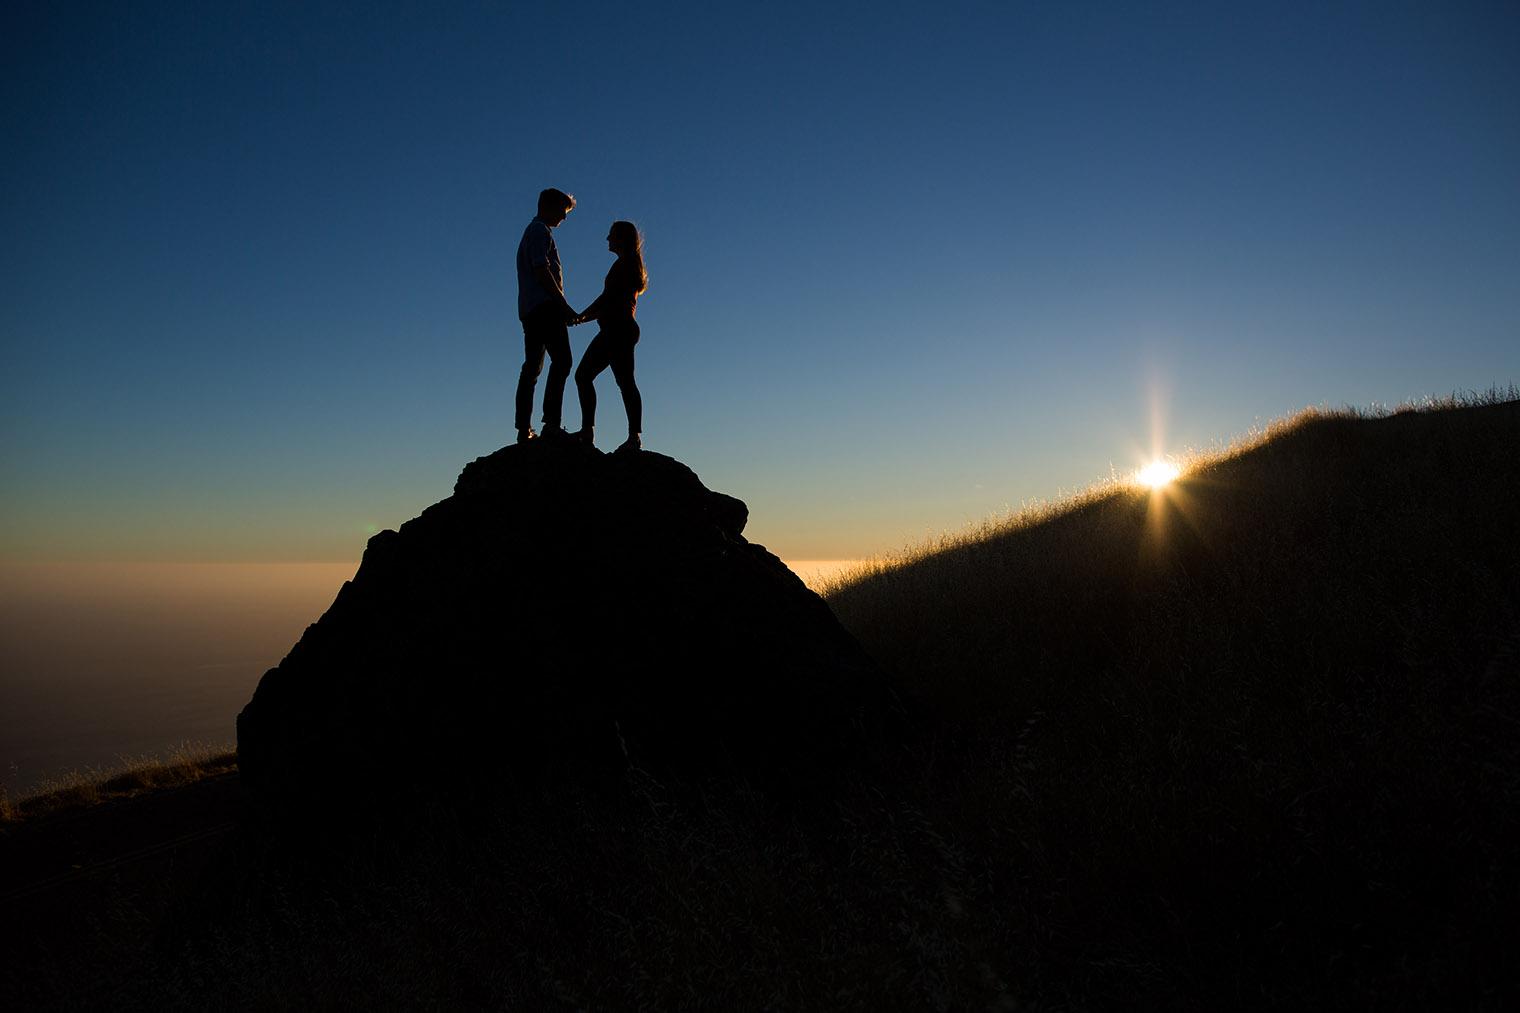 Mount Tamalpais State Park Engagement Session